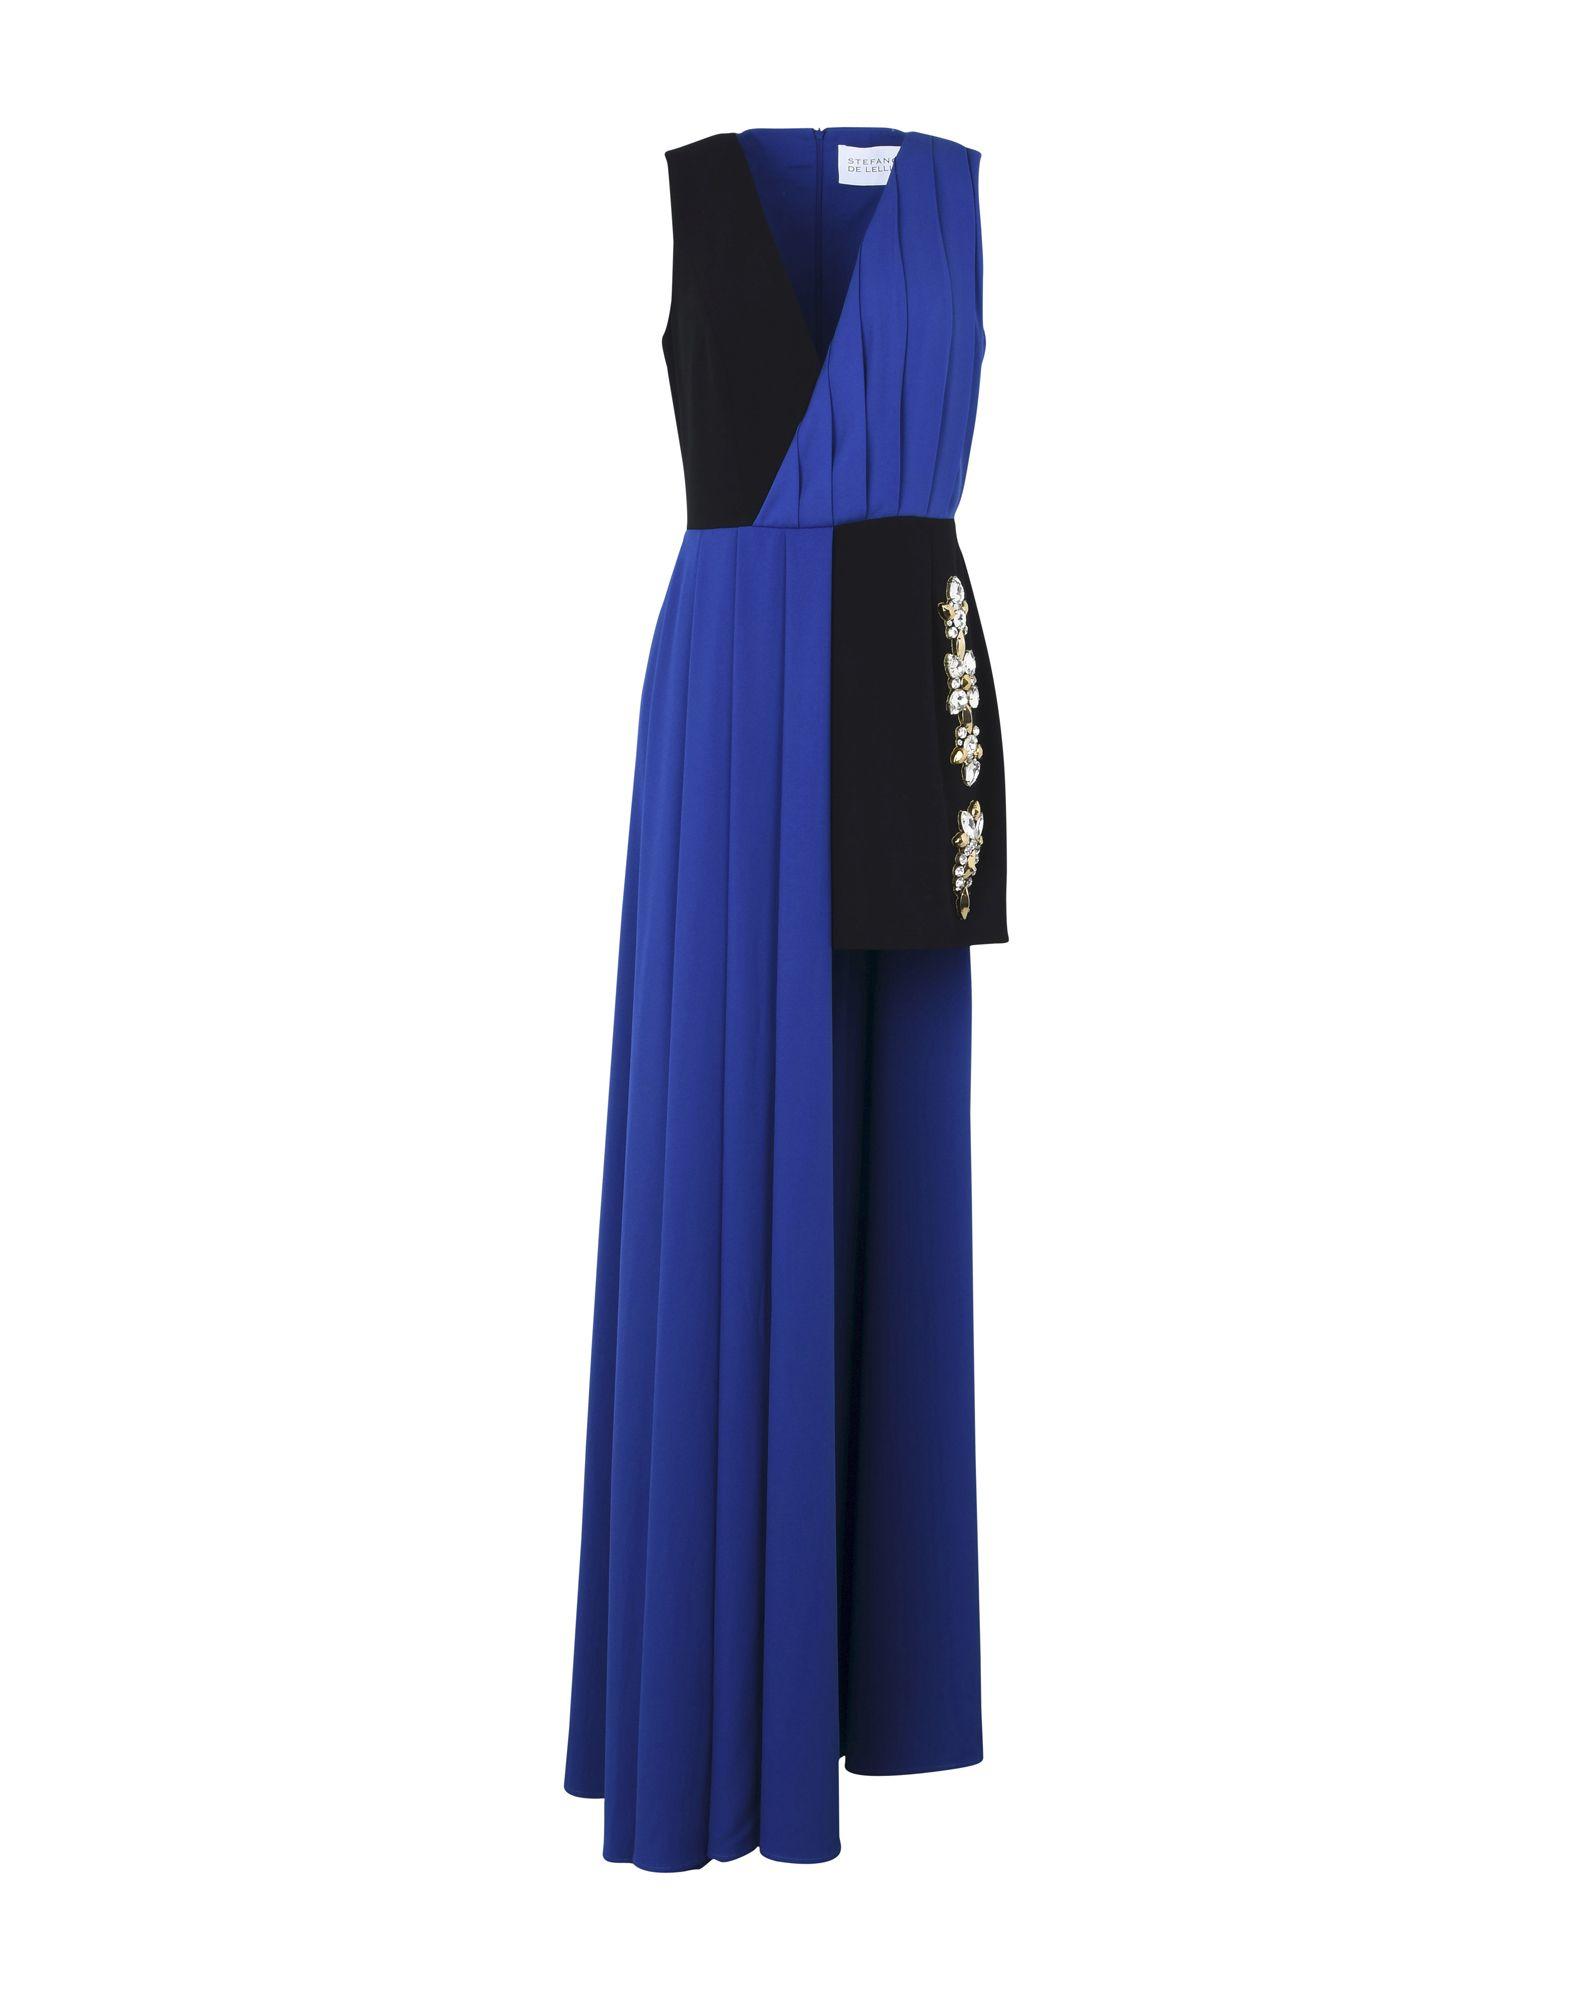 STEFANO DE LELLIS Short Dresses in Bright Blue